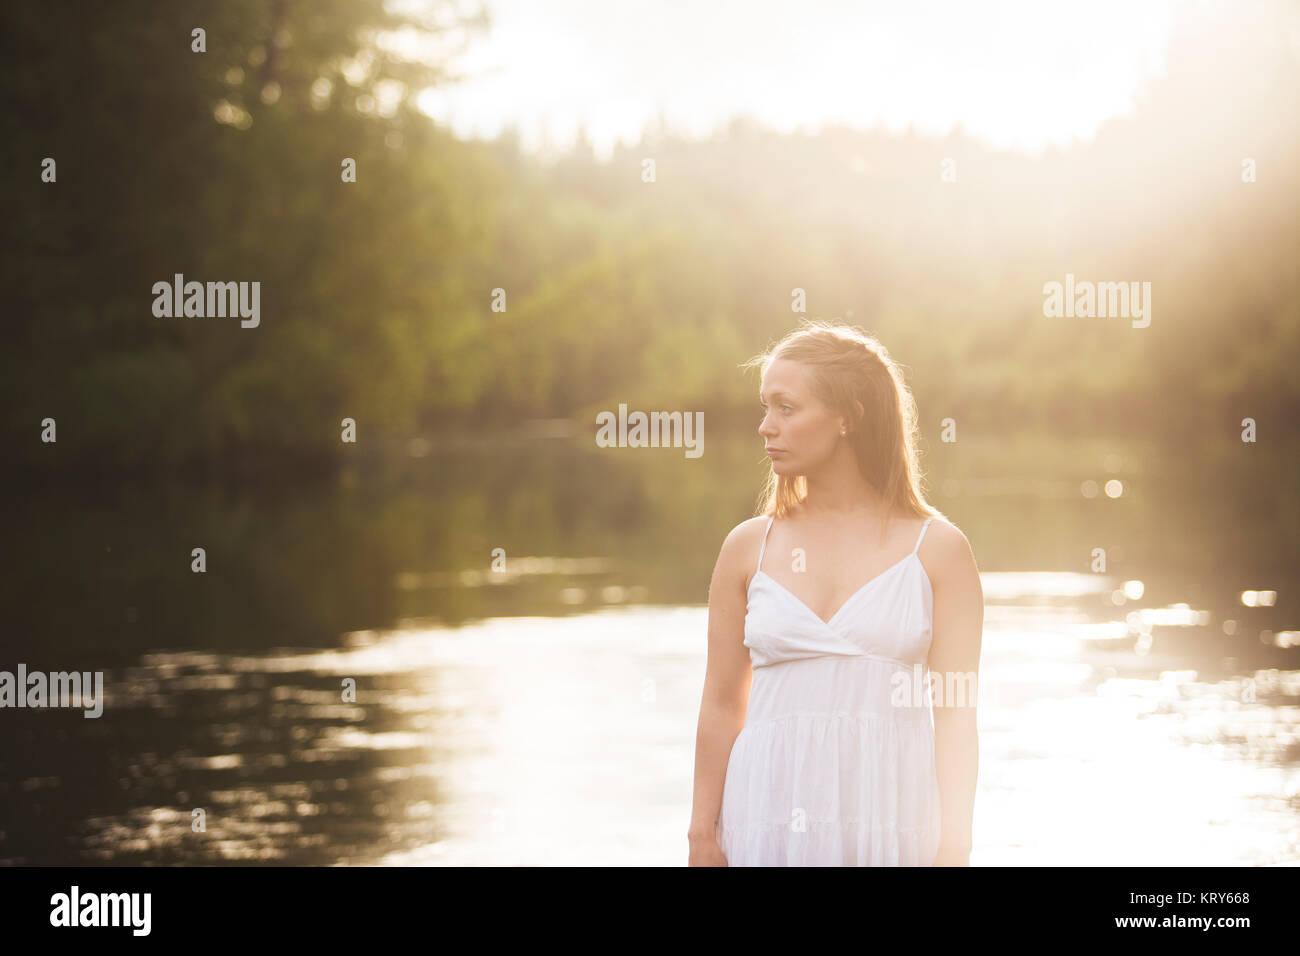 Frau tragen weiße Kleid von Fluss Stockbild